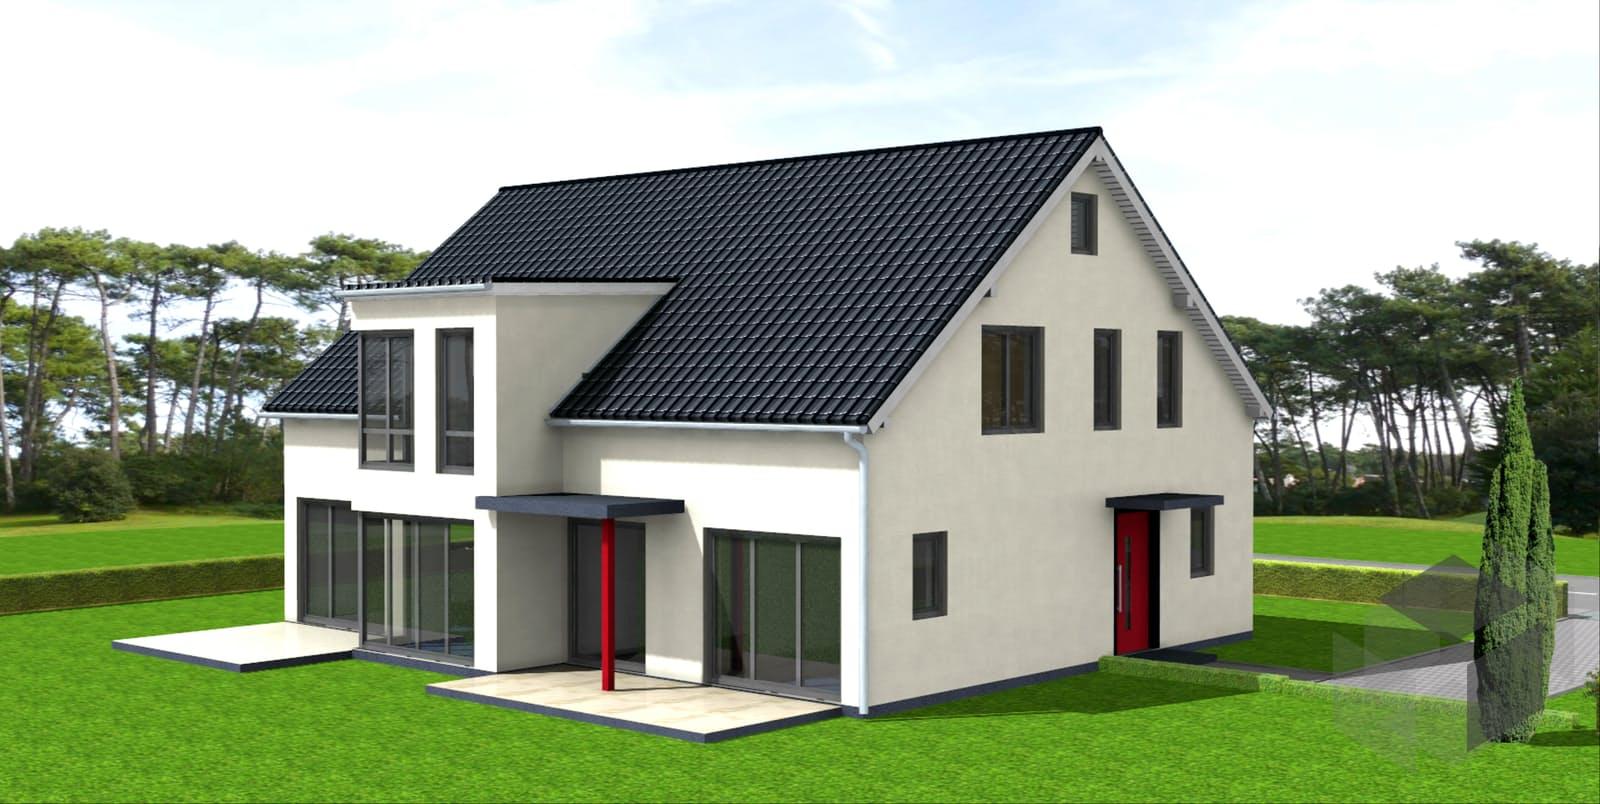 celine 285 inactive von kowalski haus komplette. Black Bedroom Furniture Sets. Home Design Ideas